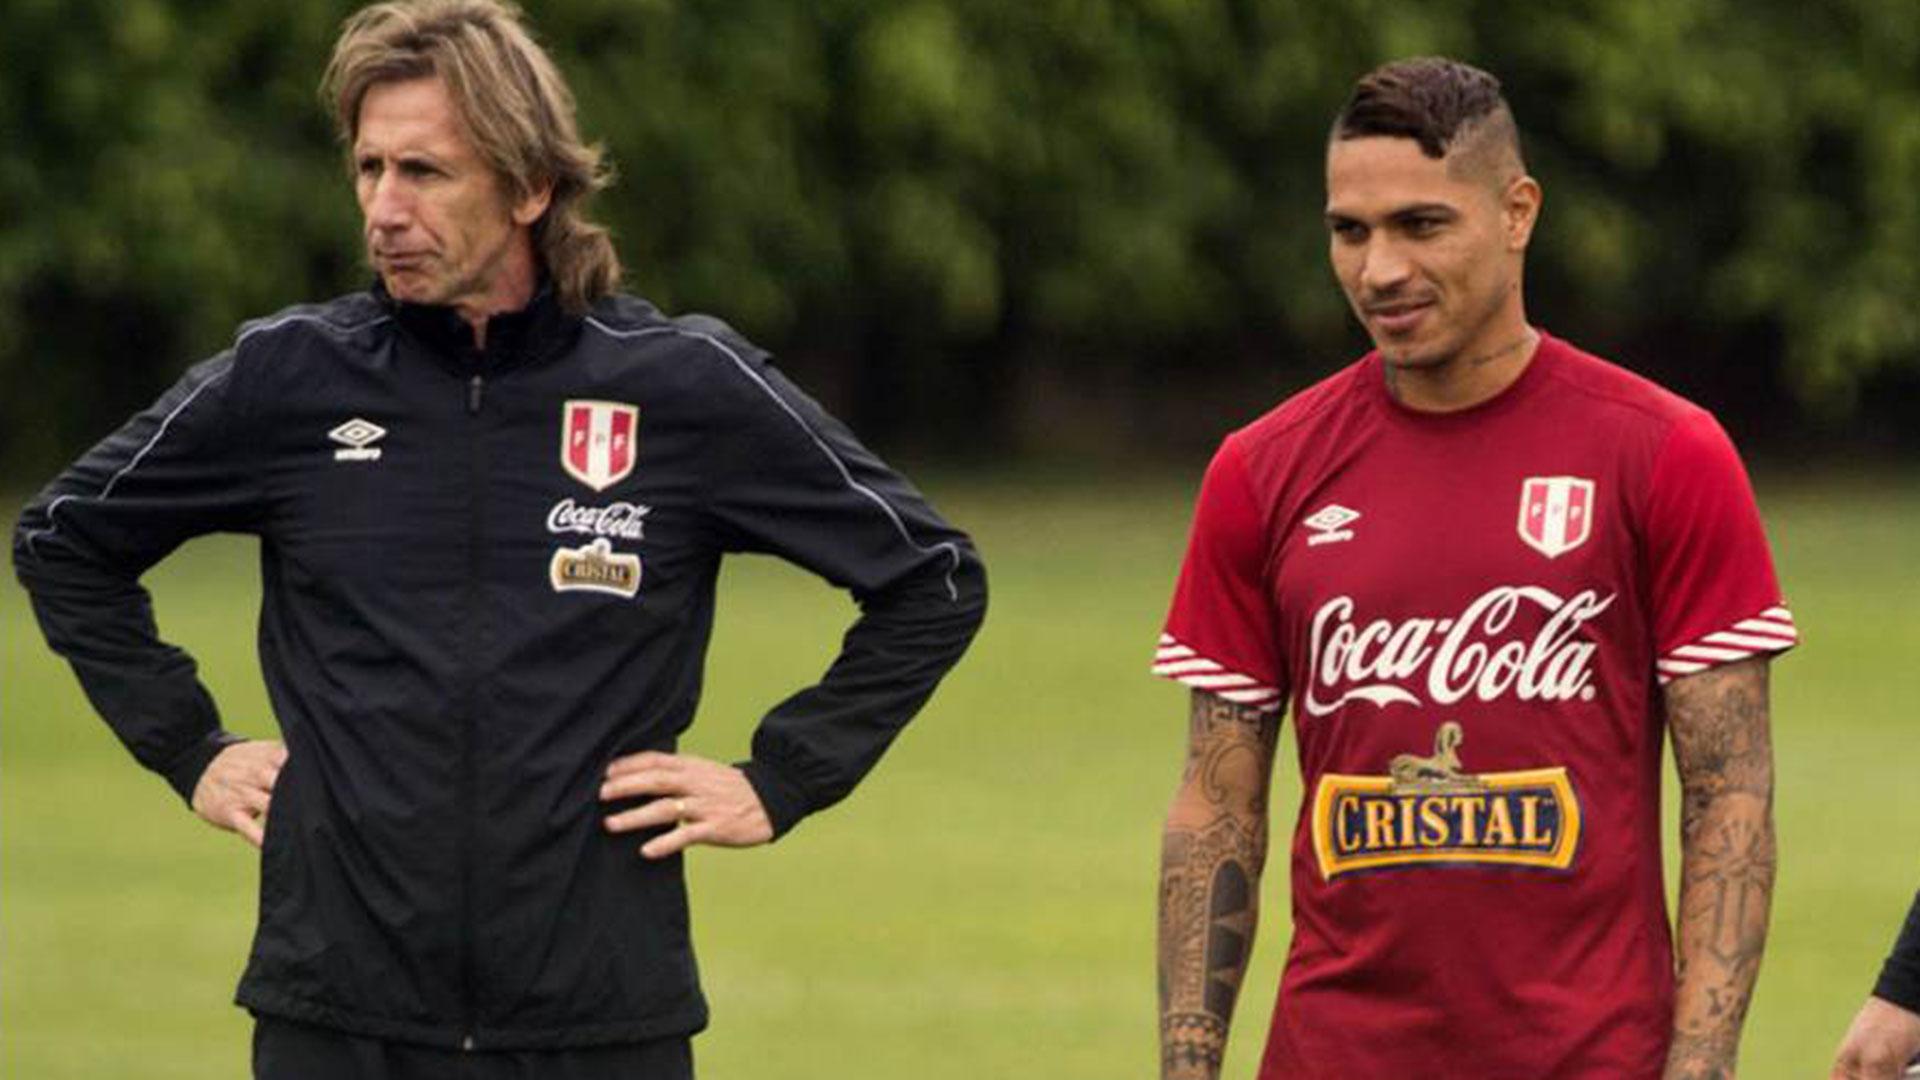 Paolo Guerrero quiere regresar al fútbol lo antes posible para convencer a Gareca de que debe jugar el Mundial 2018